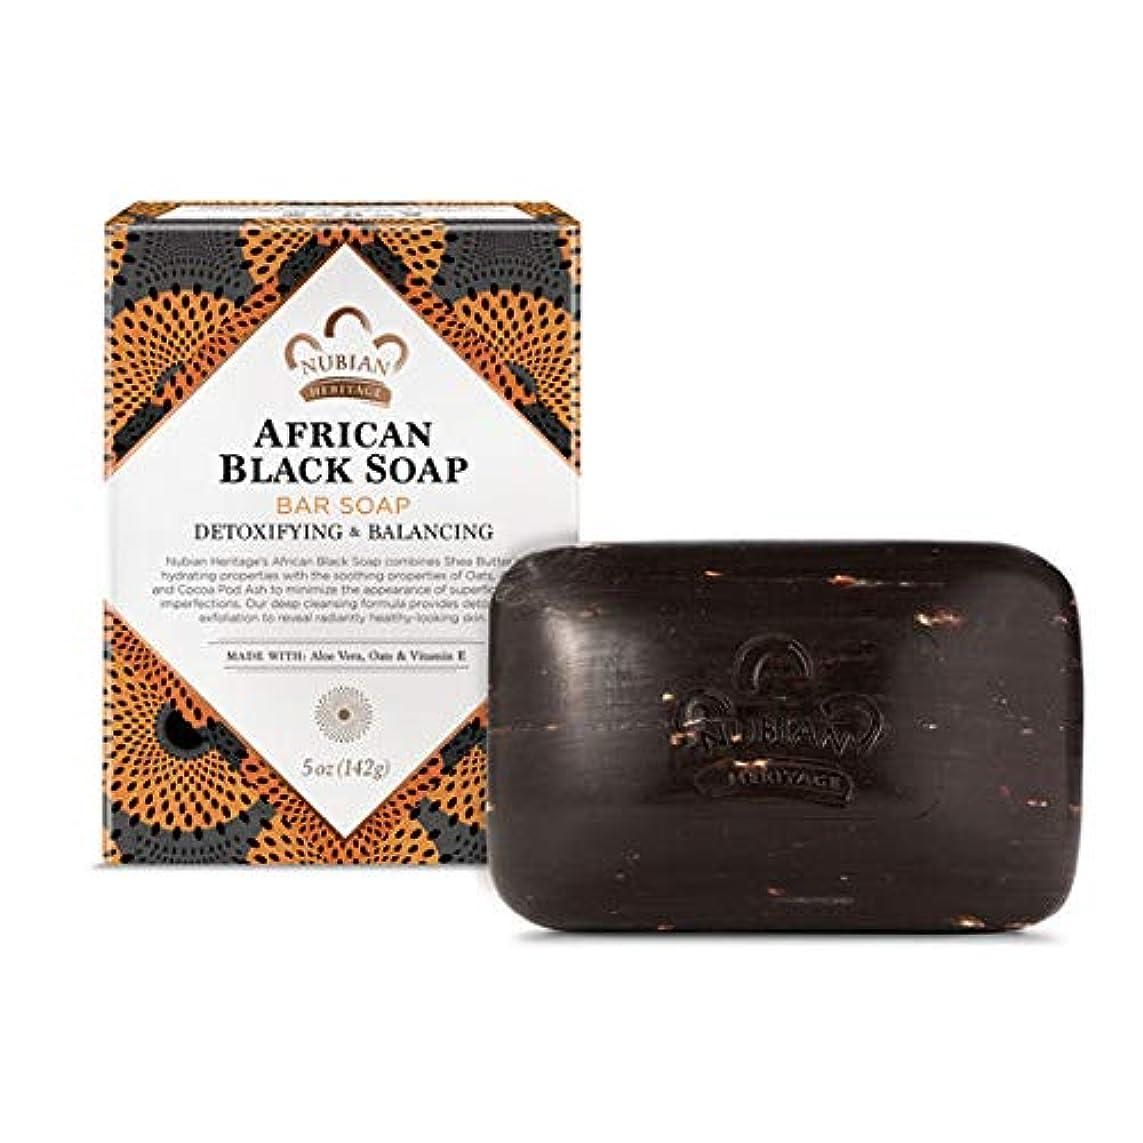 取り出すコマースとティームヌビアン ヘリテージ アフリカン ブラック ソープ 141g 並行輸入品 [並行輸入品]